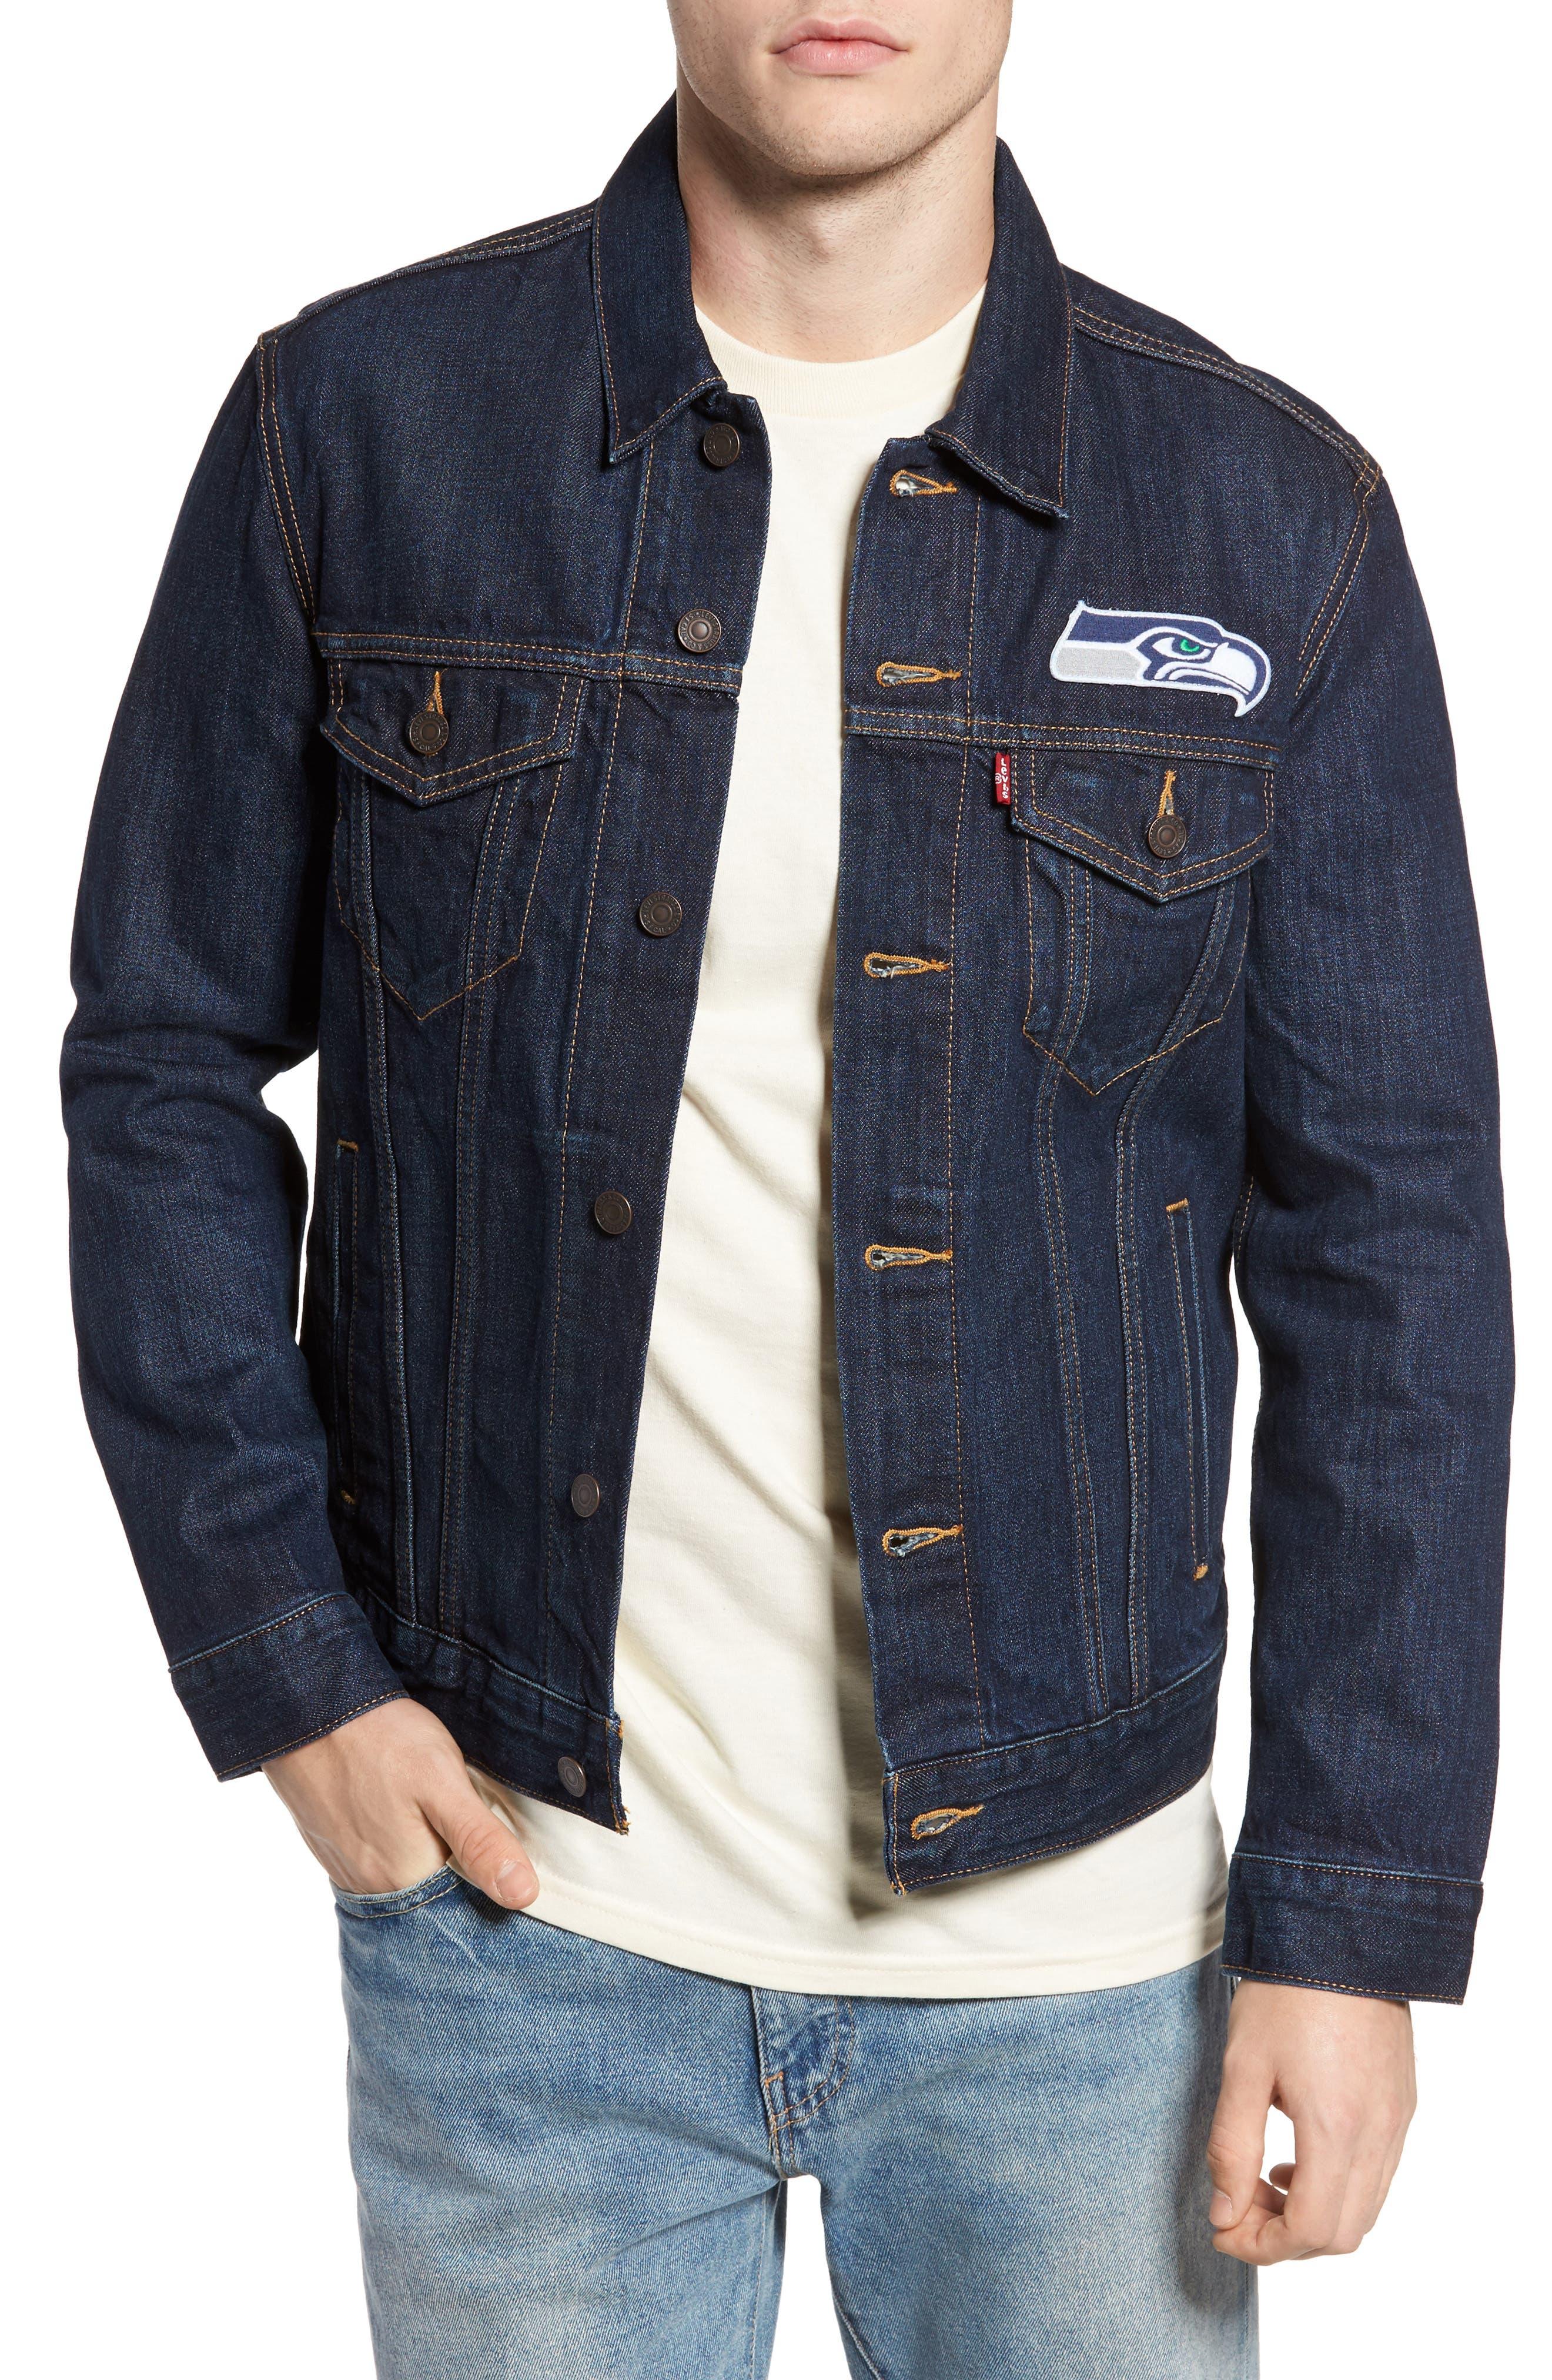 Levi's® Seattle Seahawks Denim Trucker Jacket